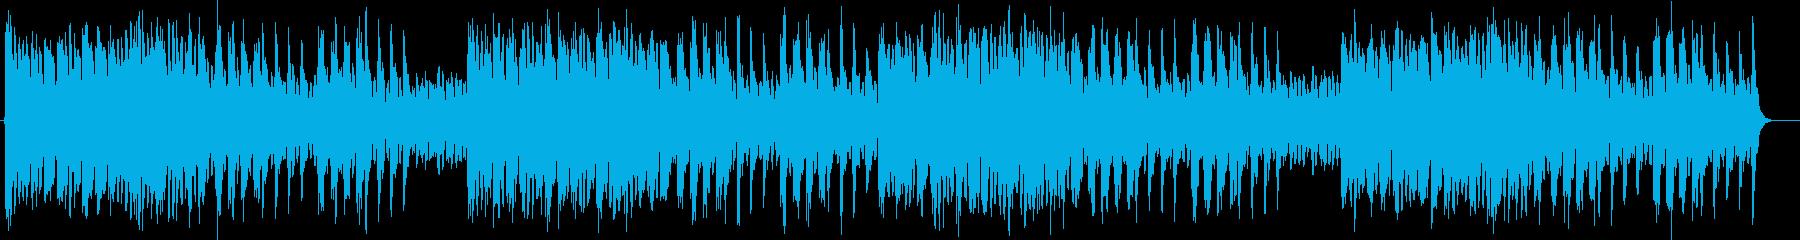 キラキラ感のあるシンセサイザーサウンドの再生済みの波形